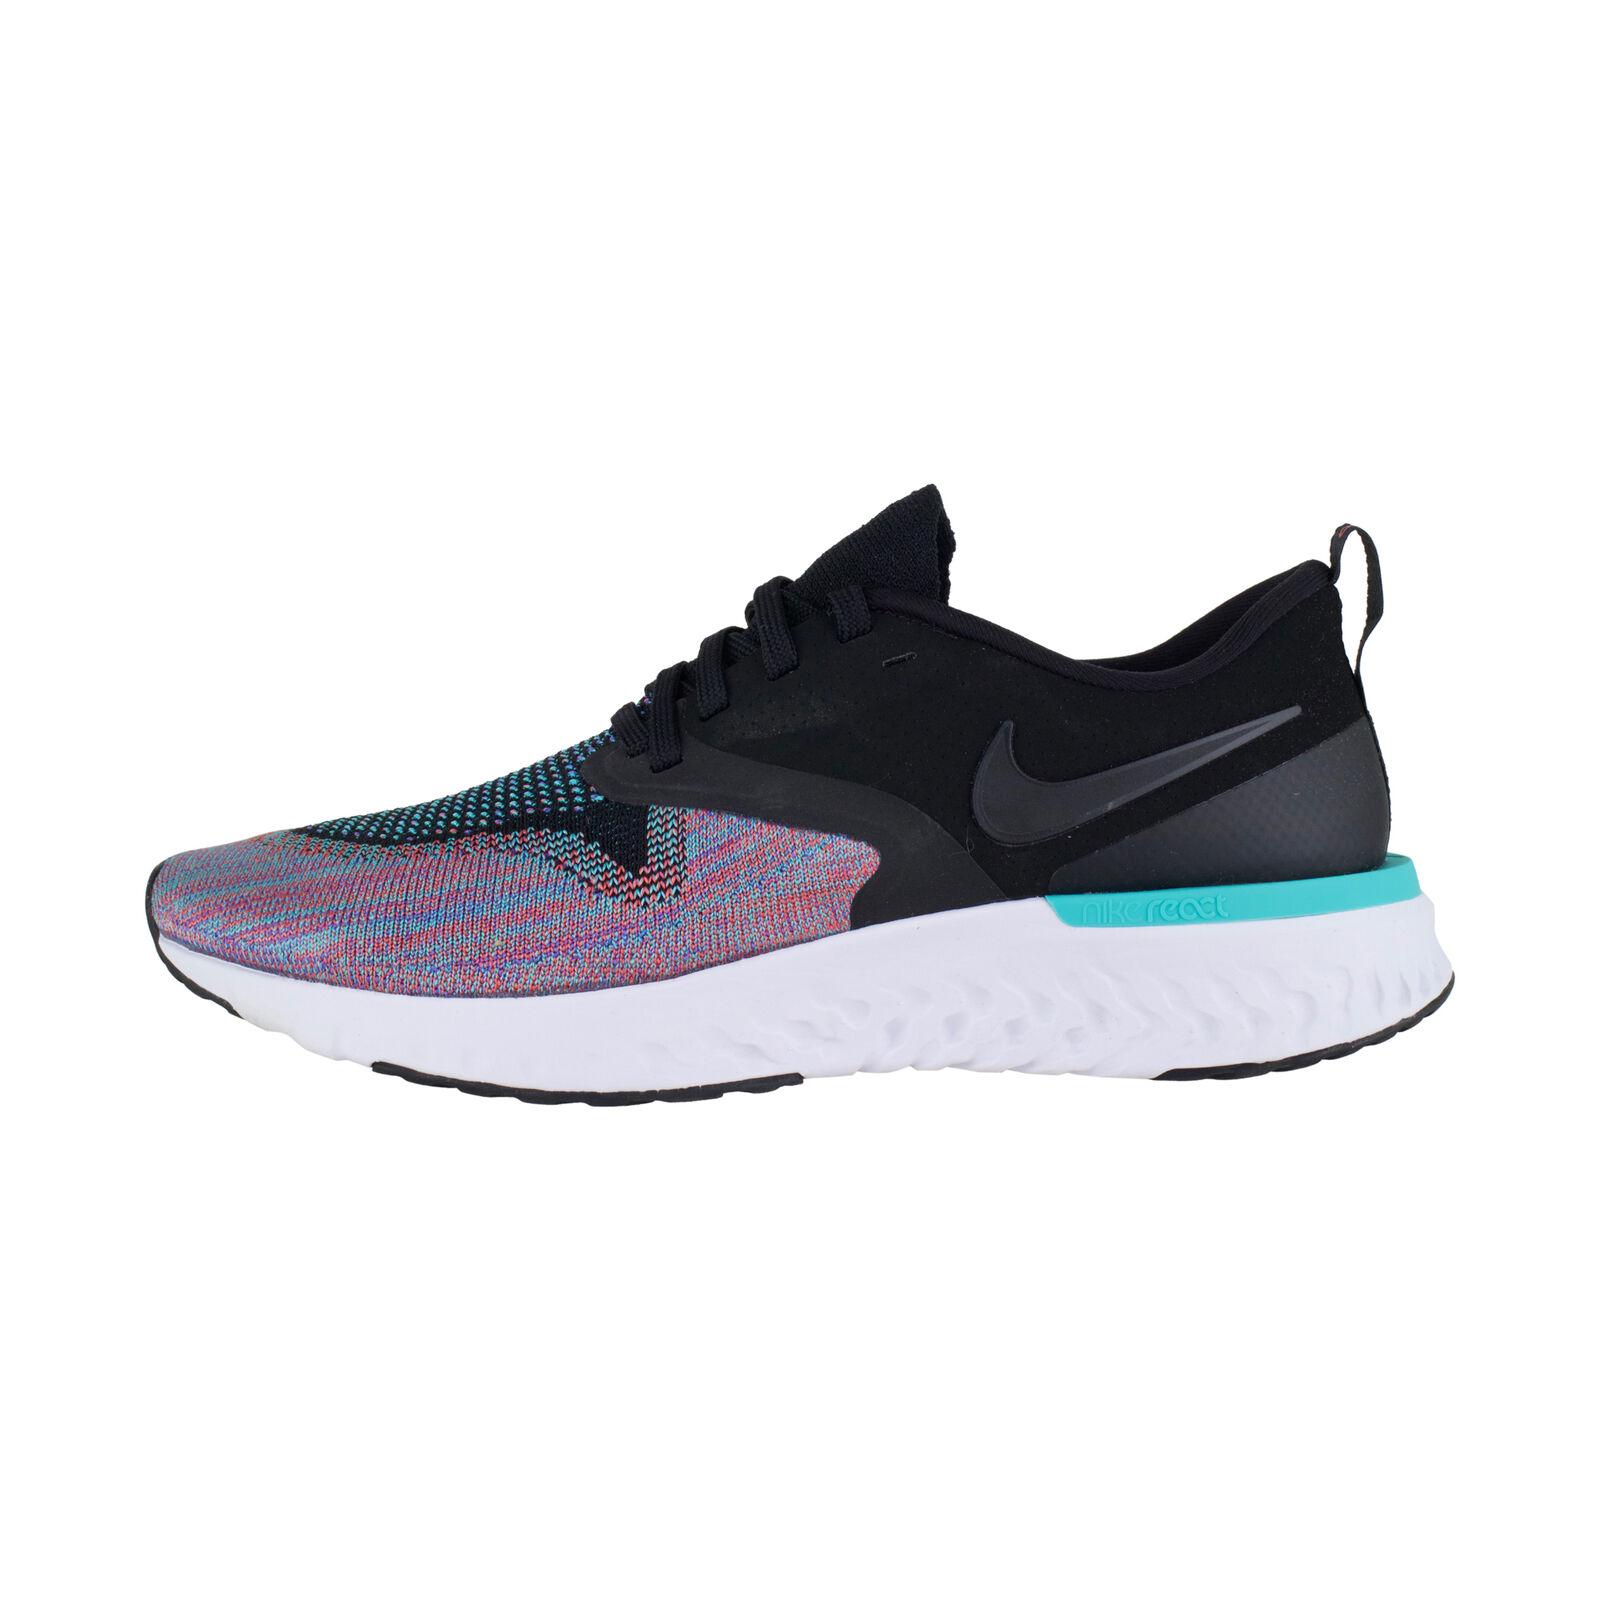 Details zu Nike Odyssey React Flyknit 2 Laufschuhe Damen Sneaker Hellblau AH1016 401